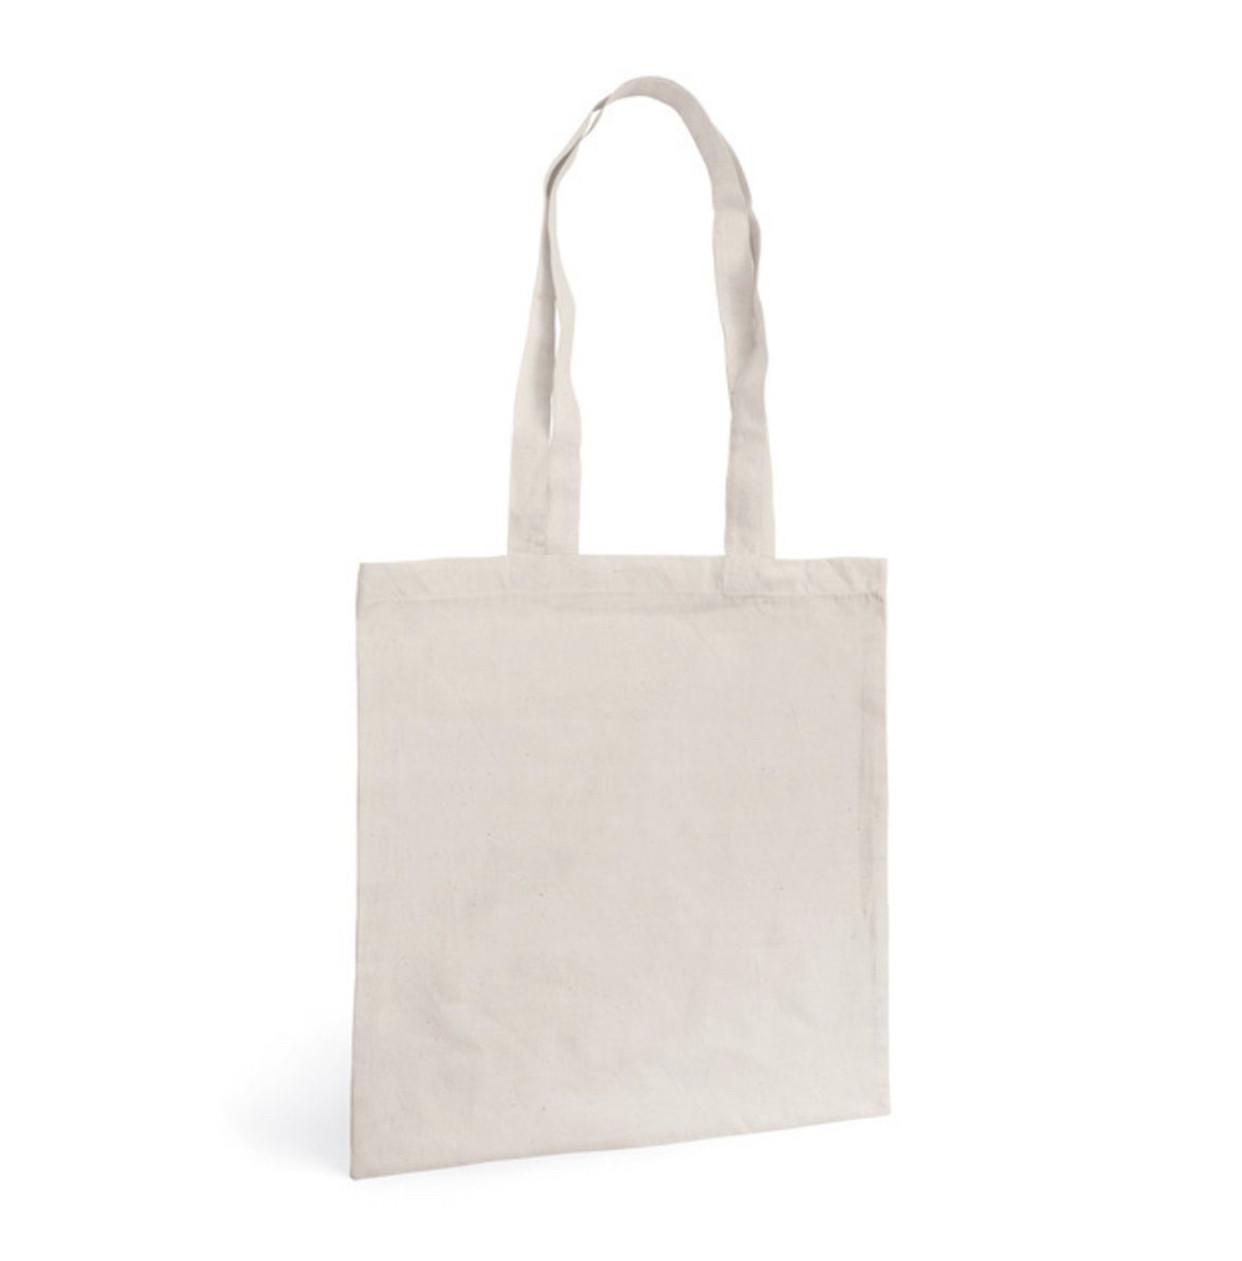 ЭКО сумки - фото 2